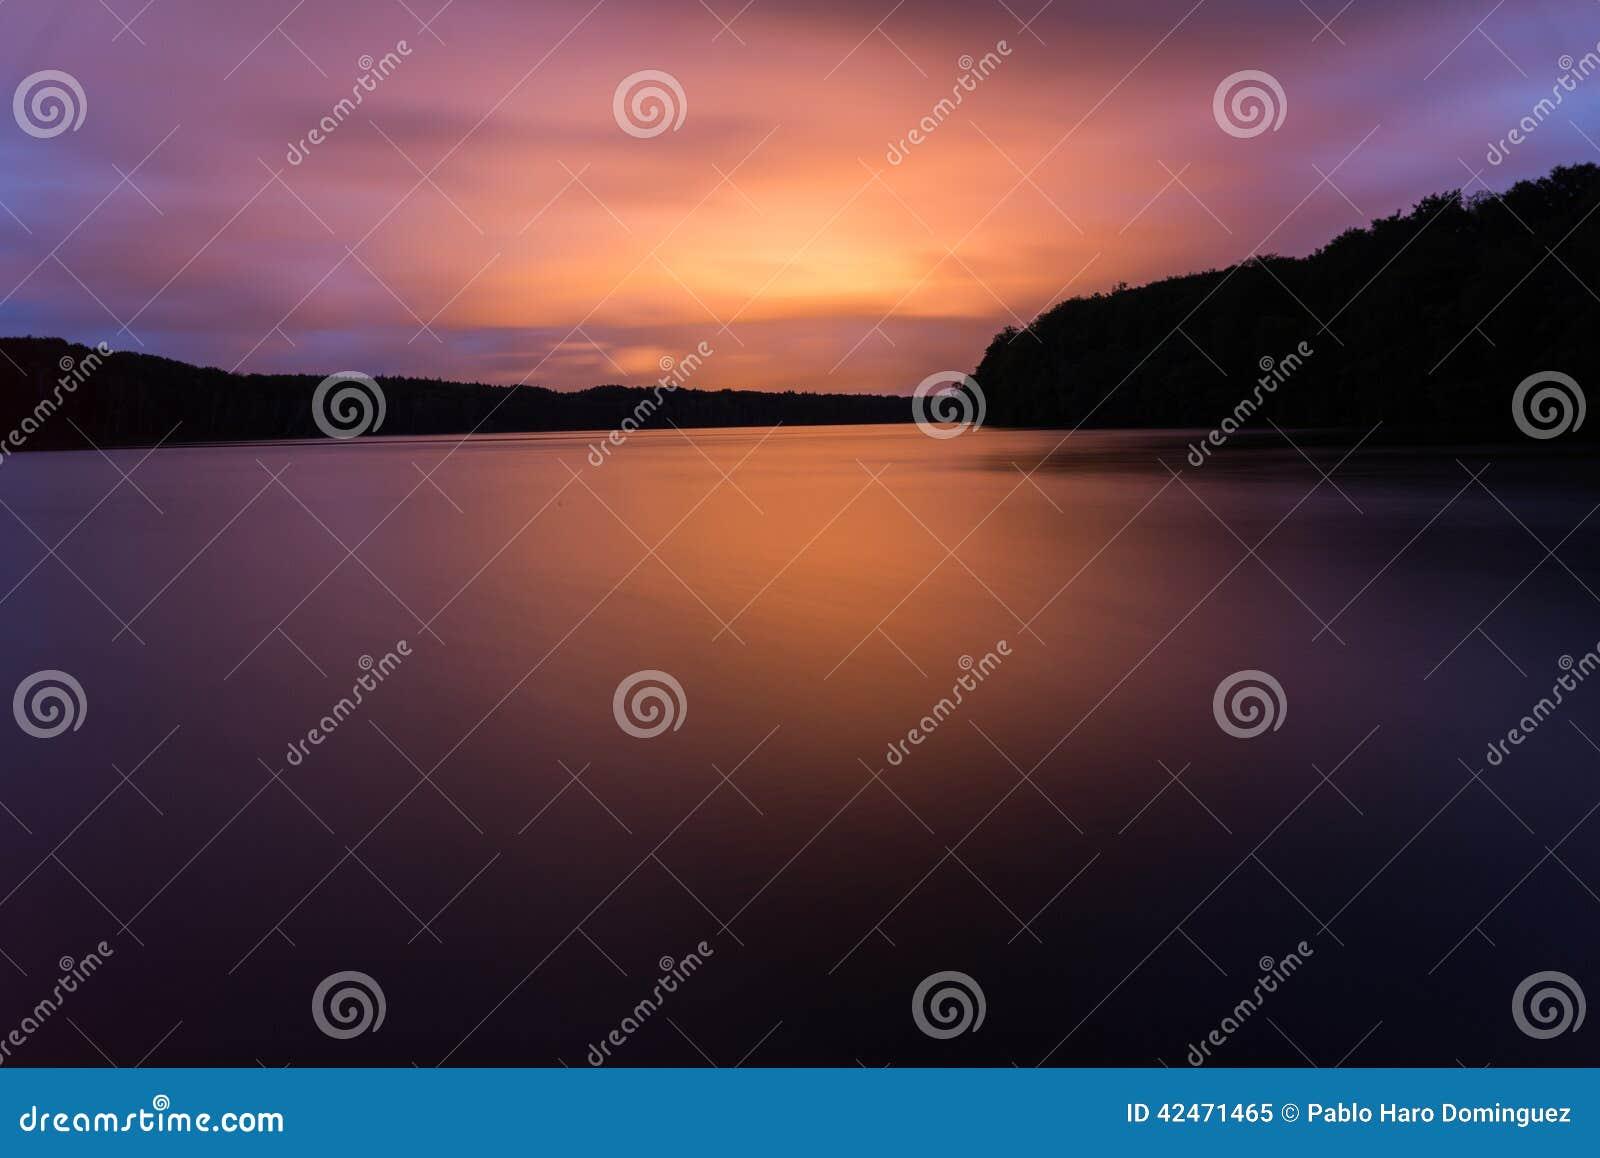 Roter Lichtreflex auf einem See in einem großartigen Sonnenuntergang